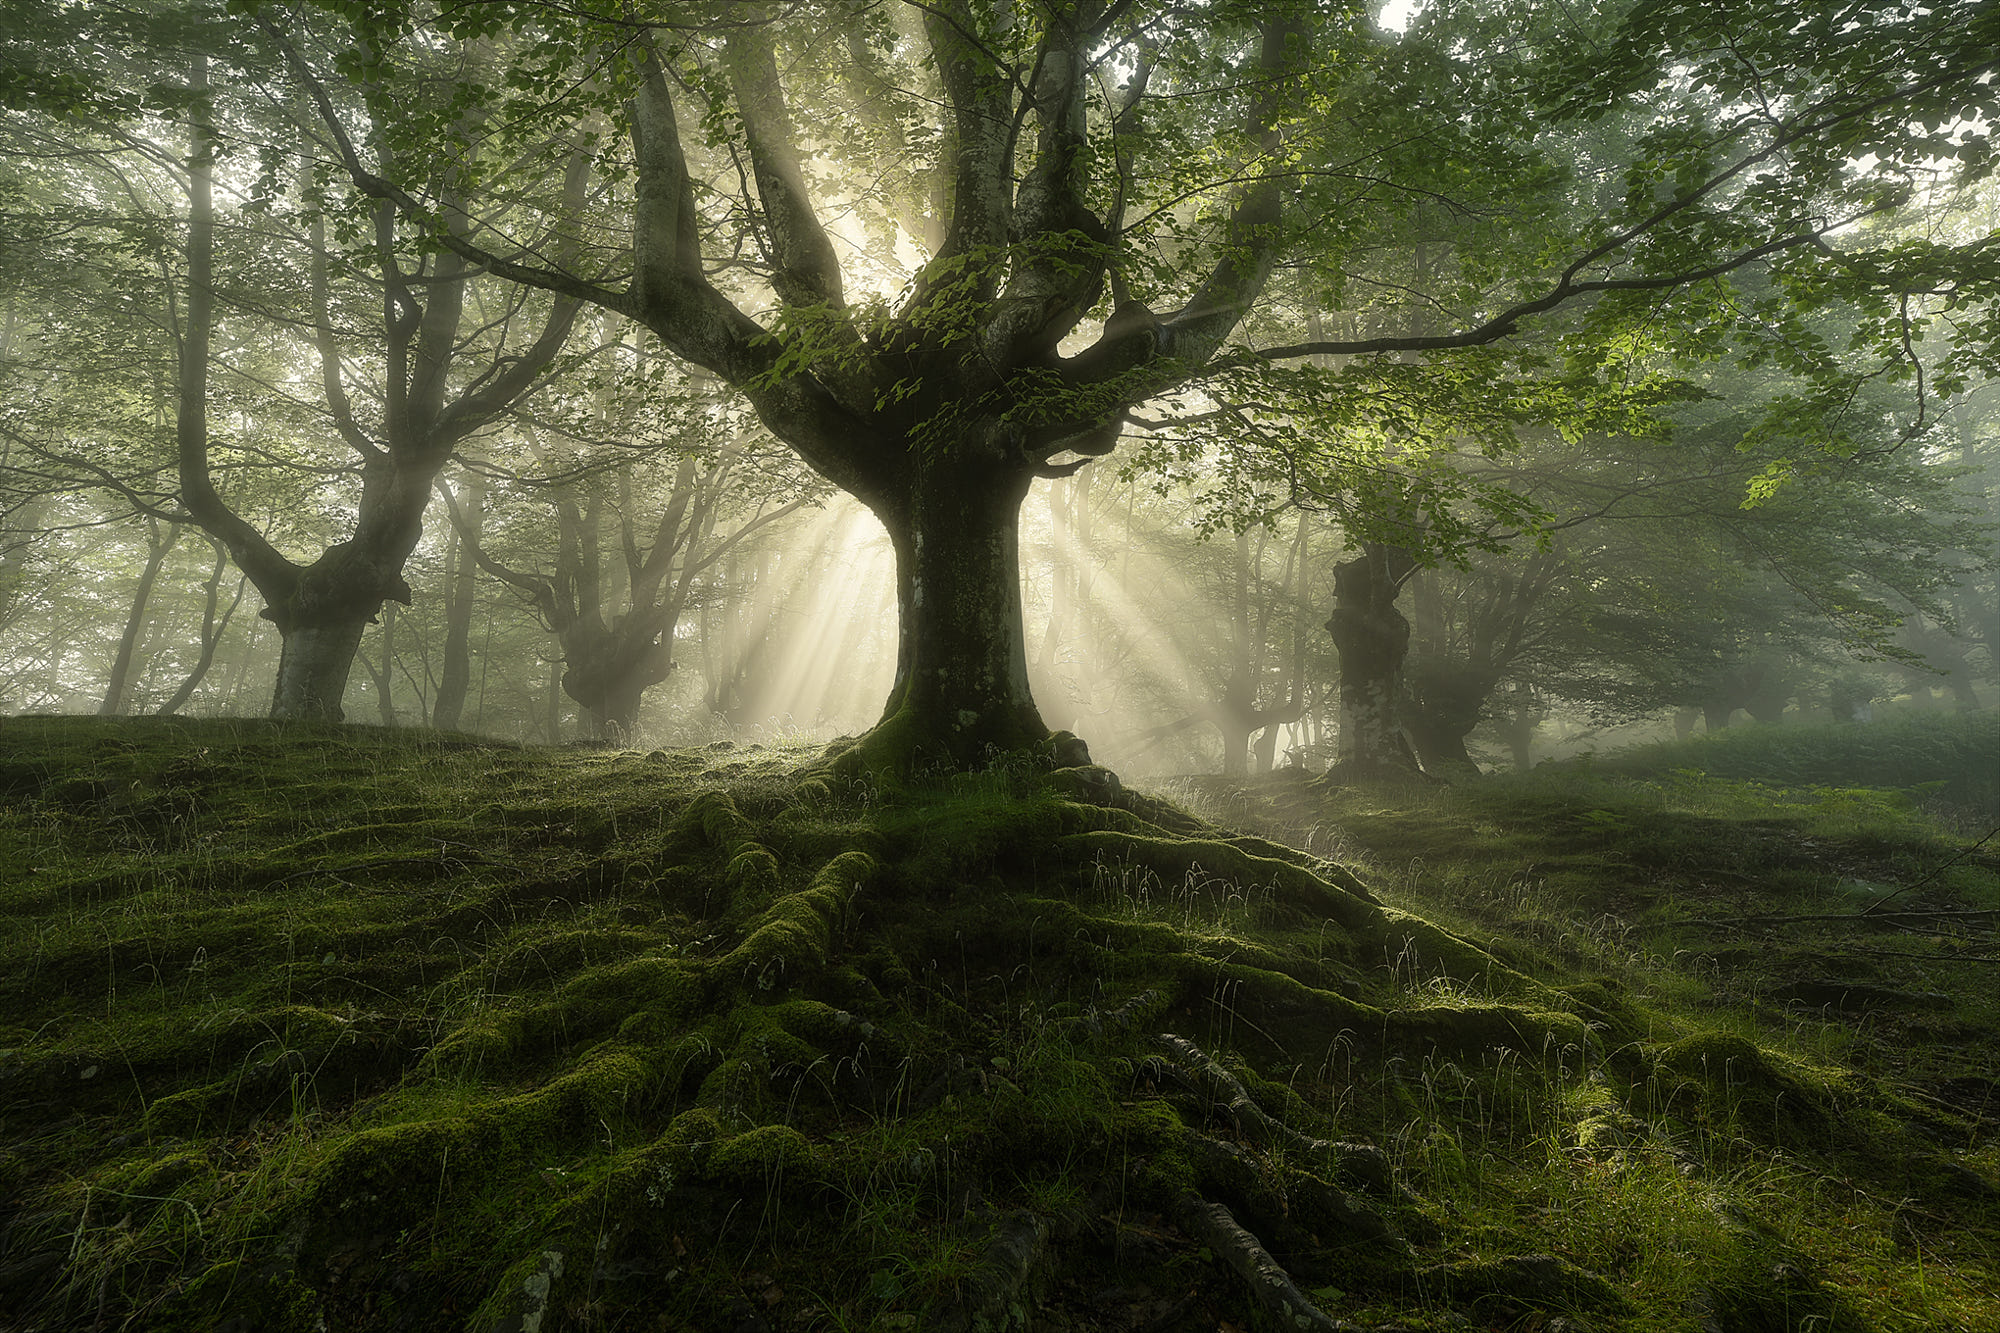 la diosa del bosque